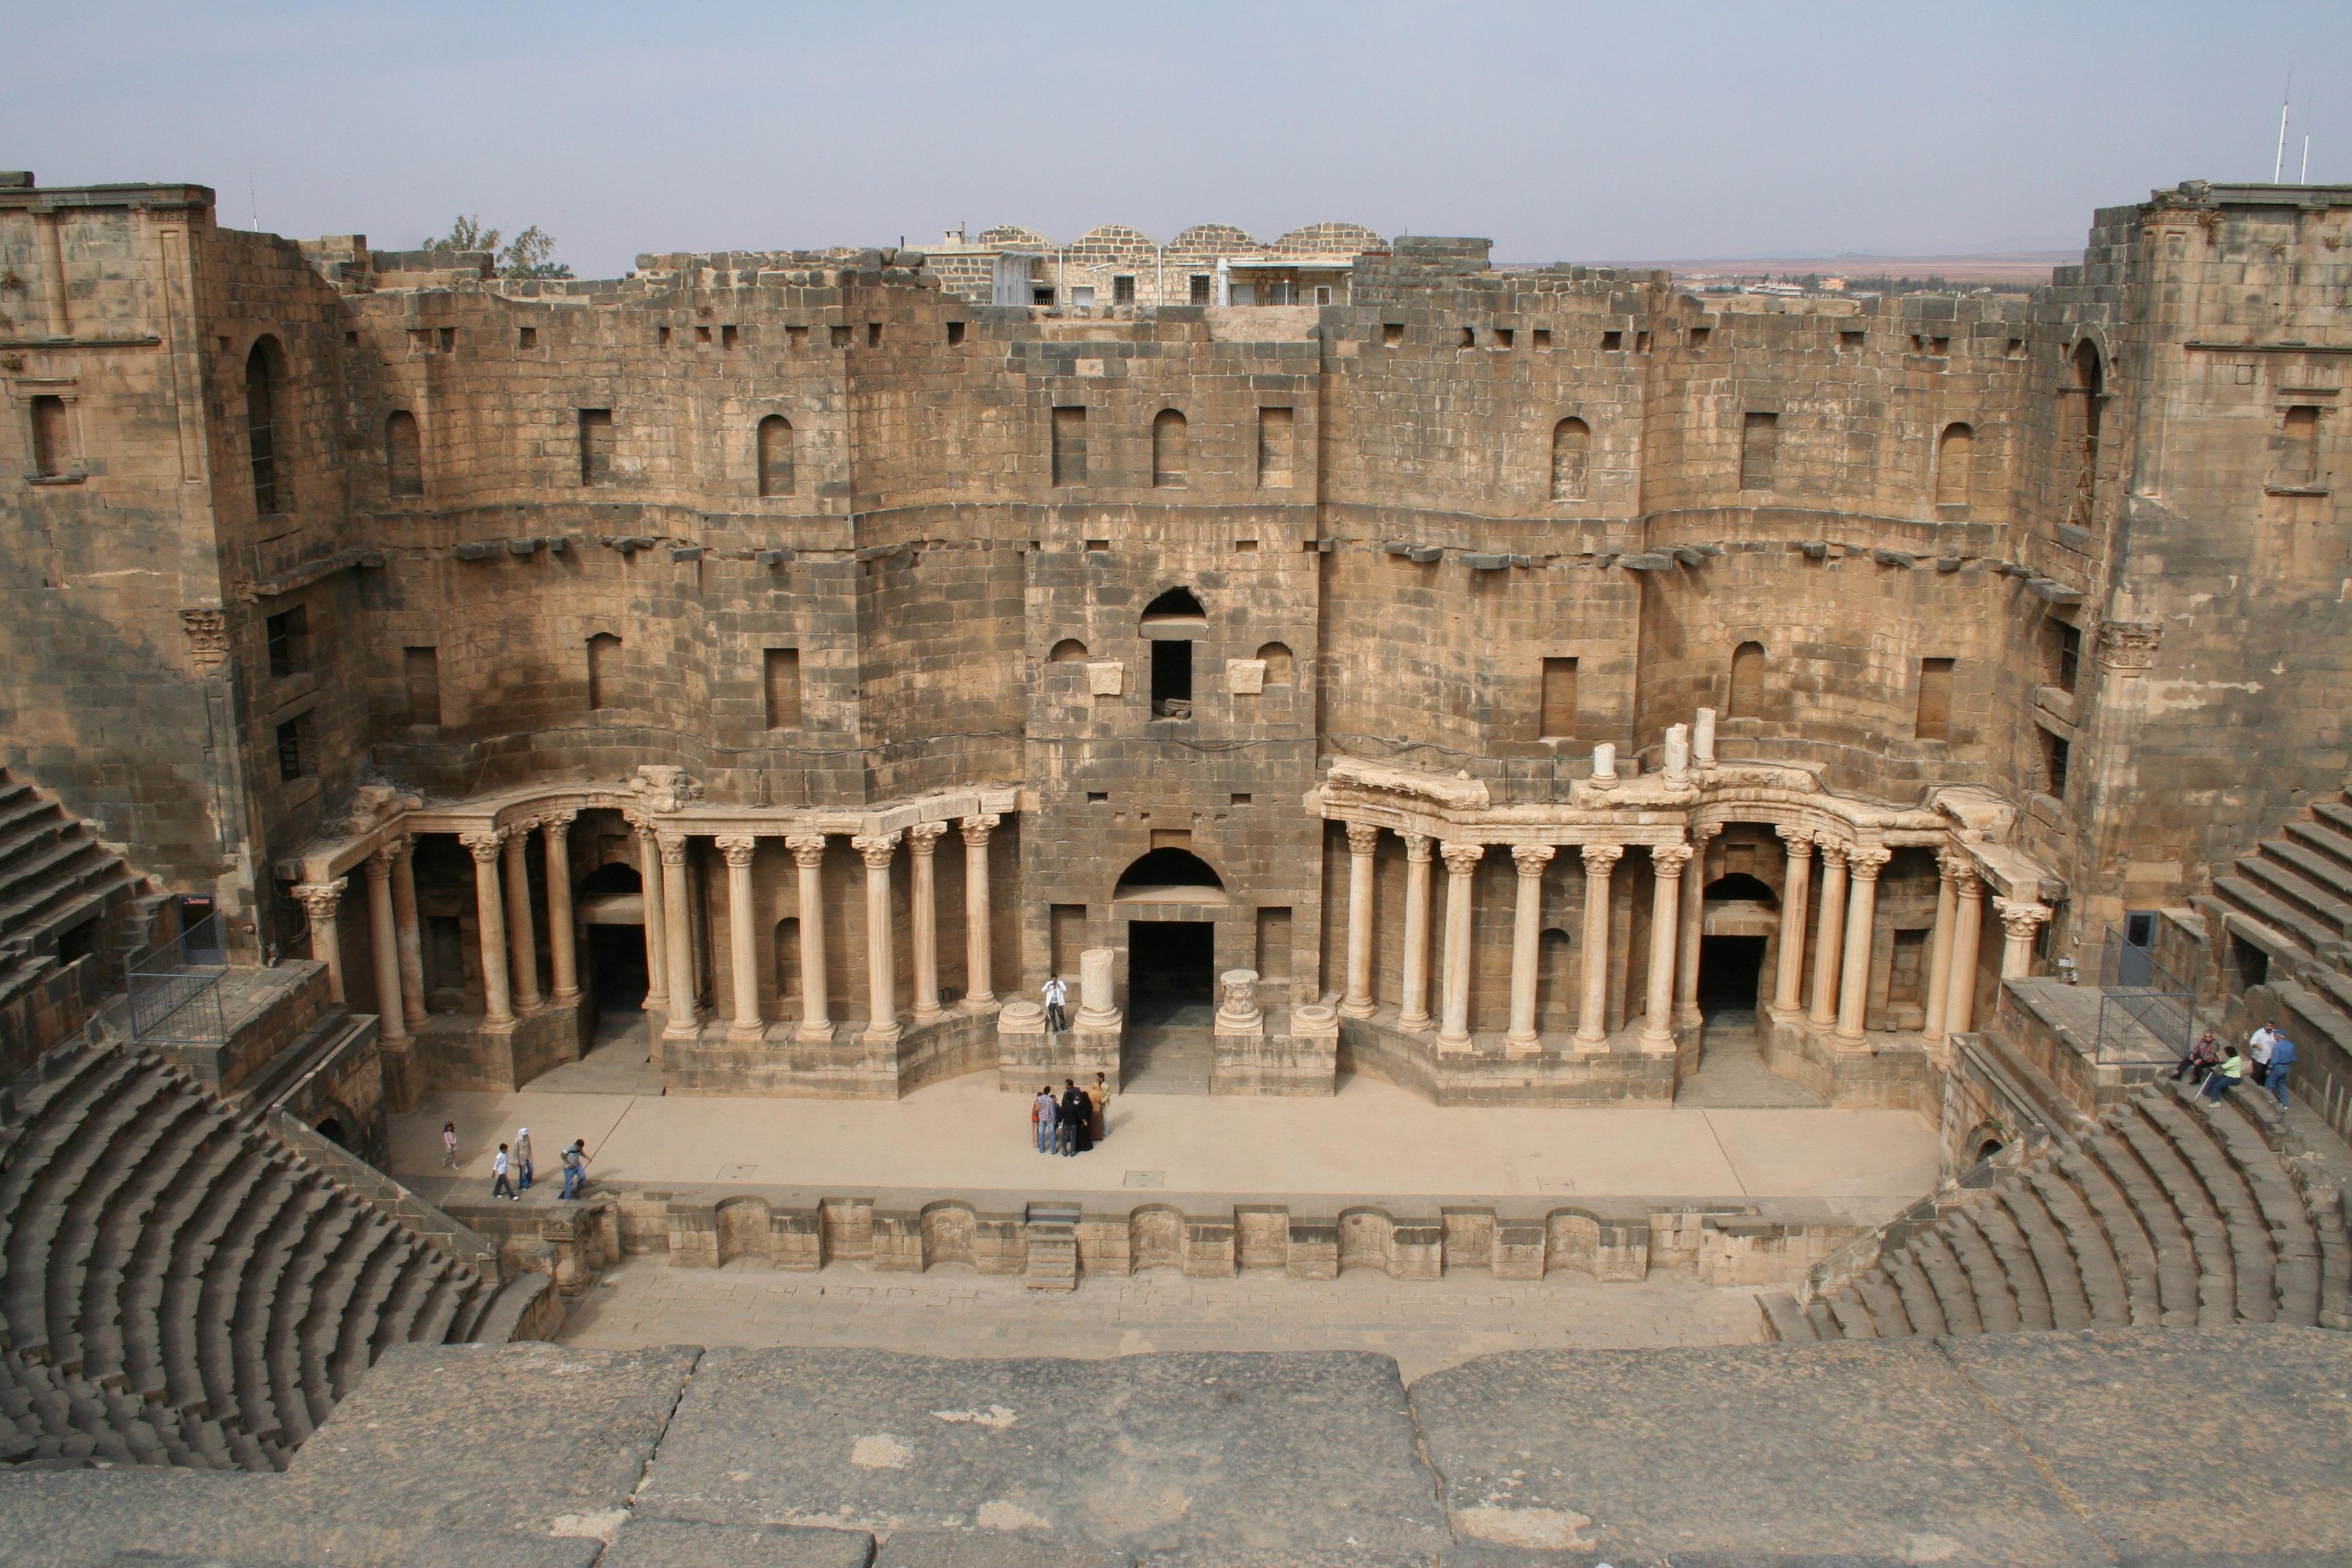 File:Roman Theatre in Bosra.jpg